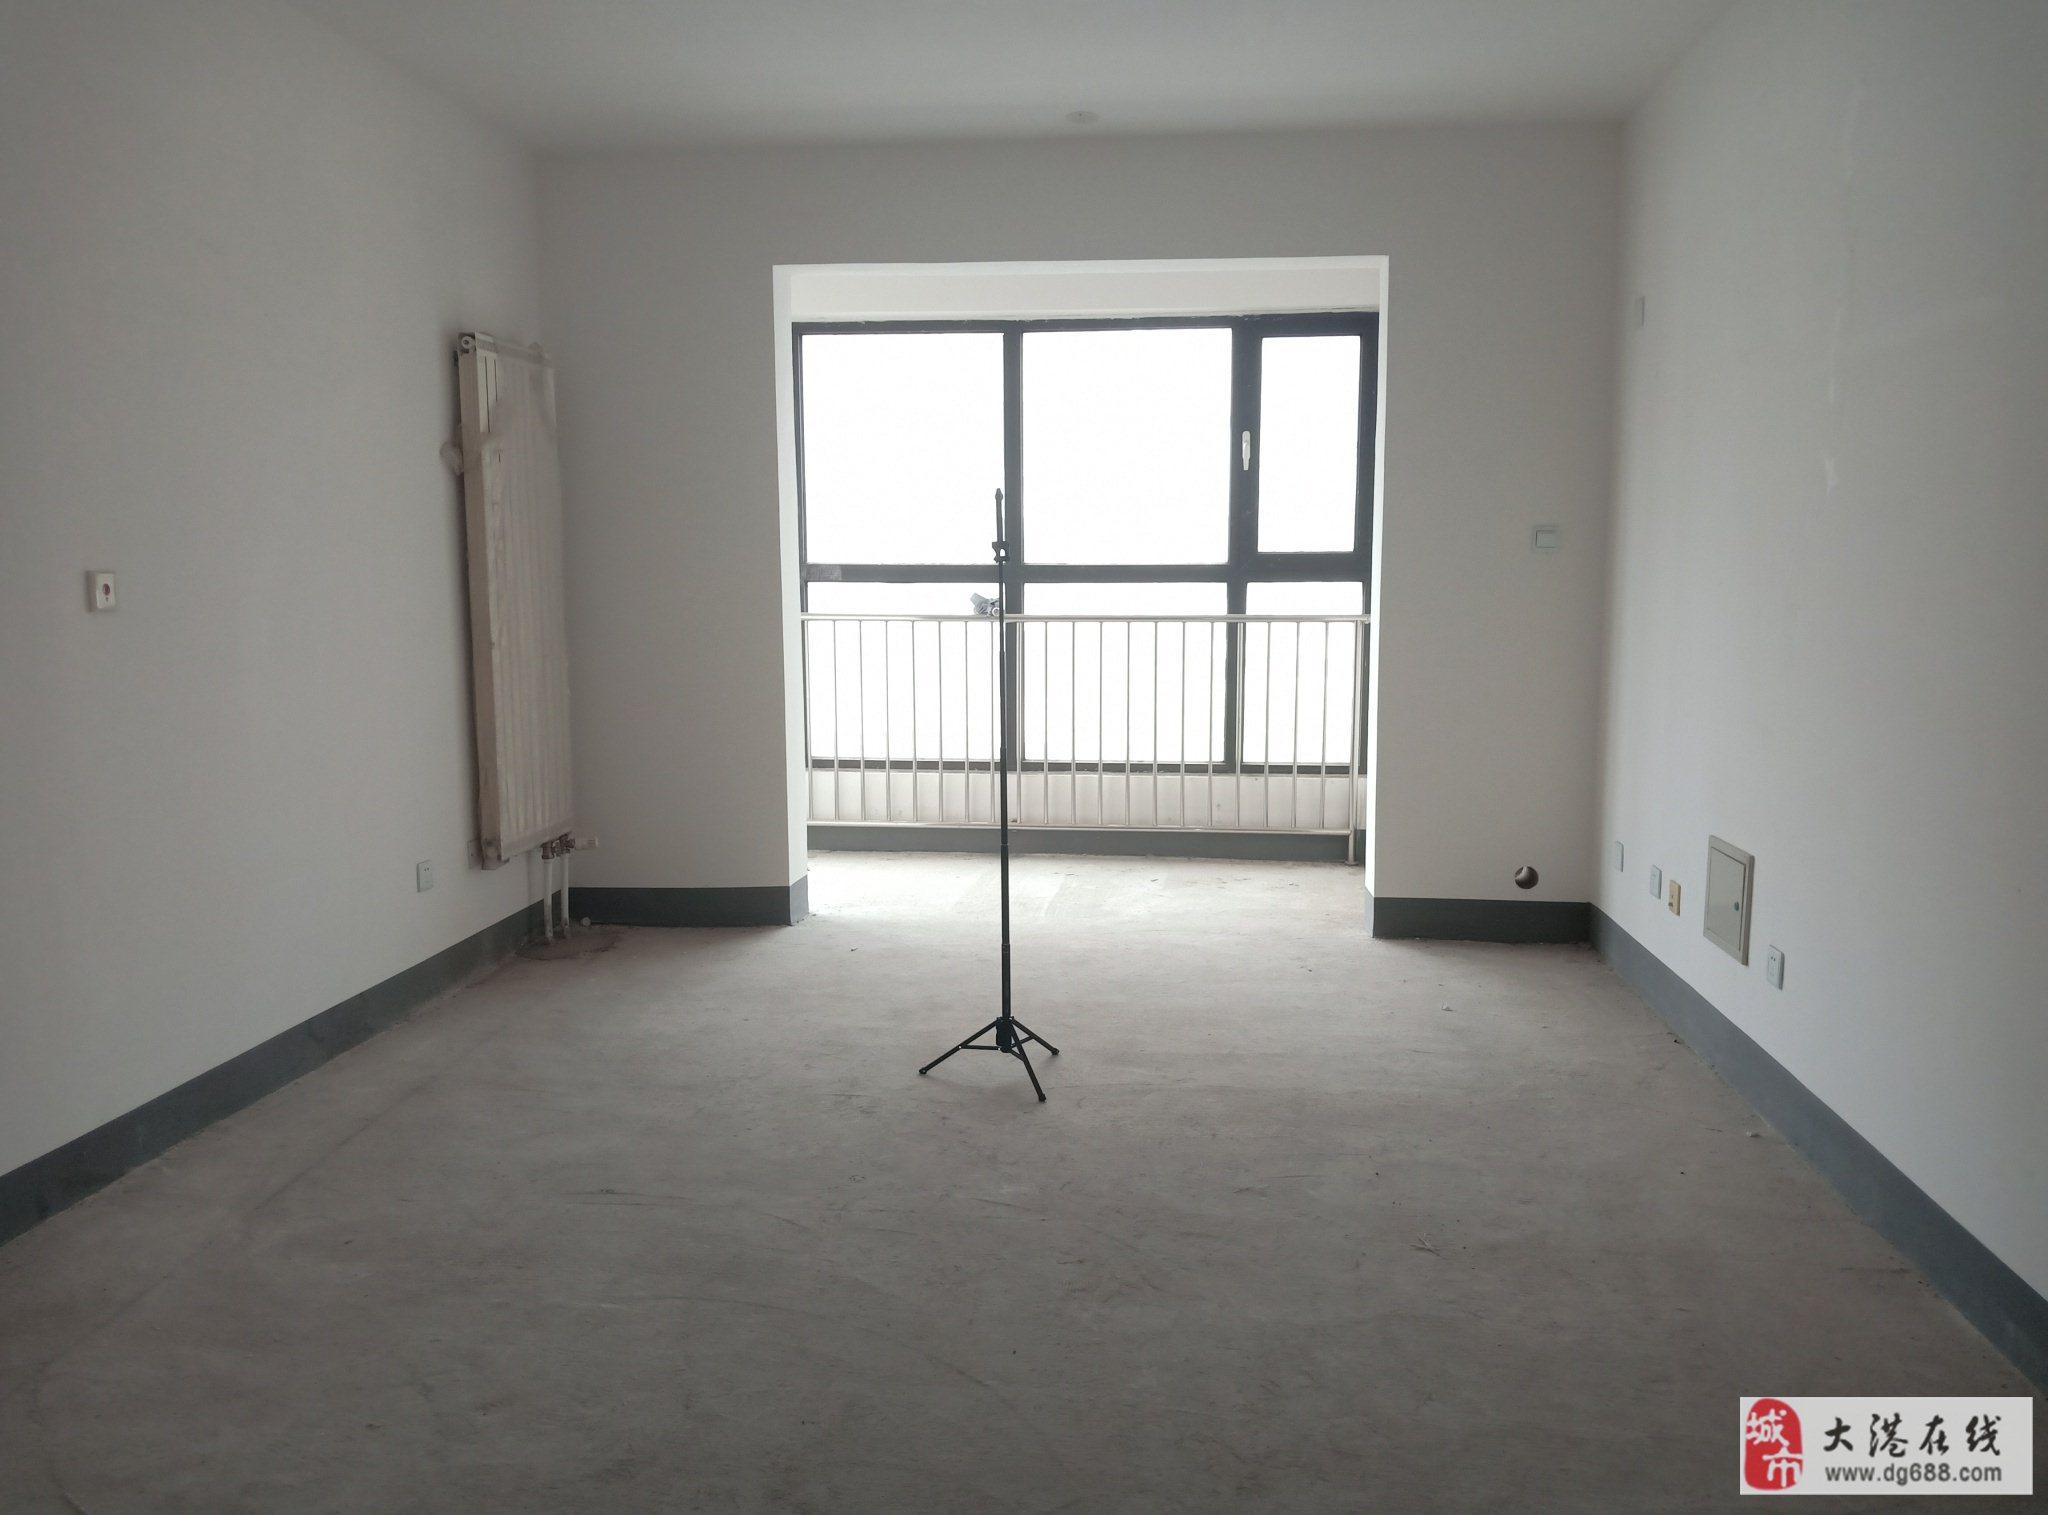 老郭推见急售剑桥港湾9楼不顶毛坯两室过两年有钥匙